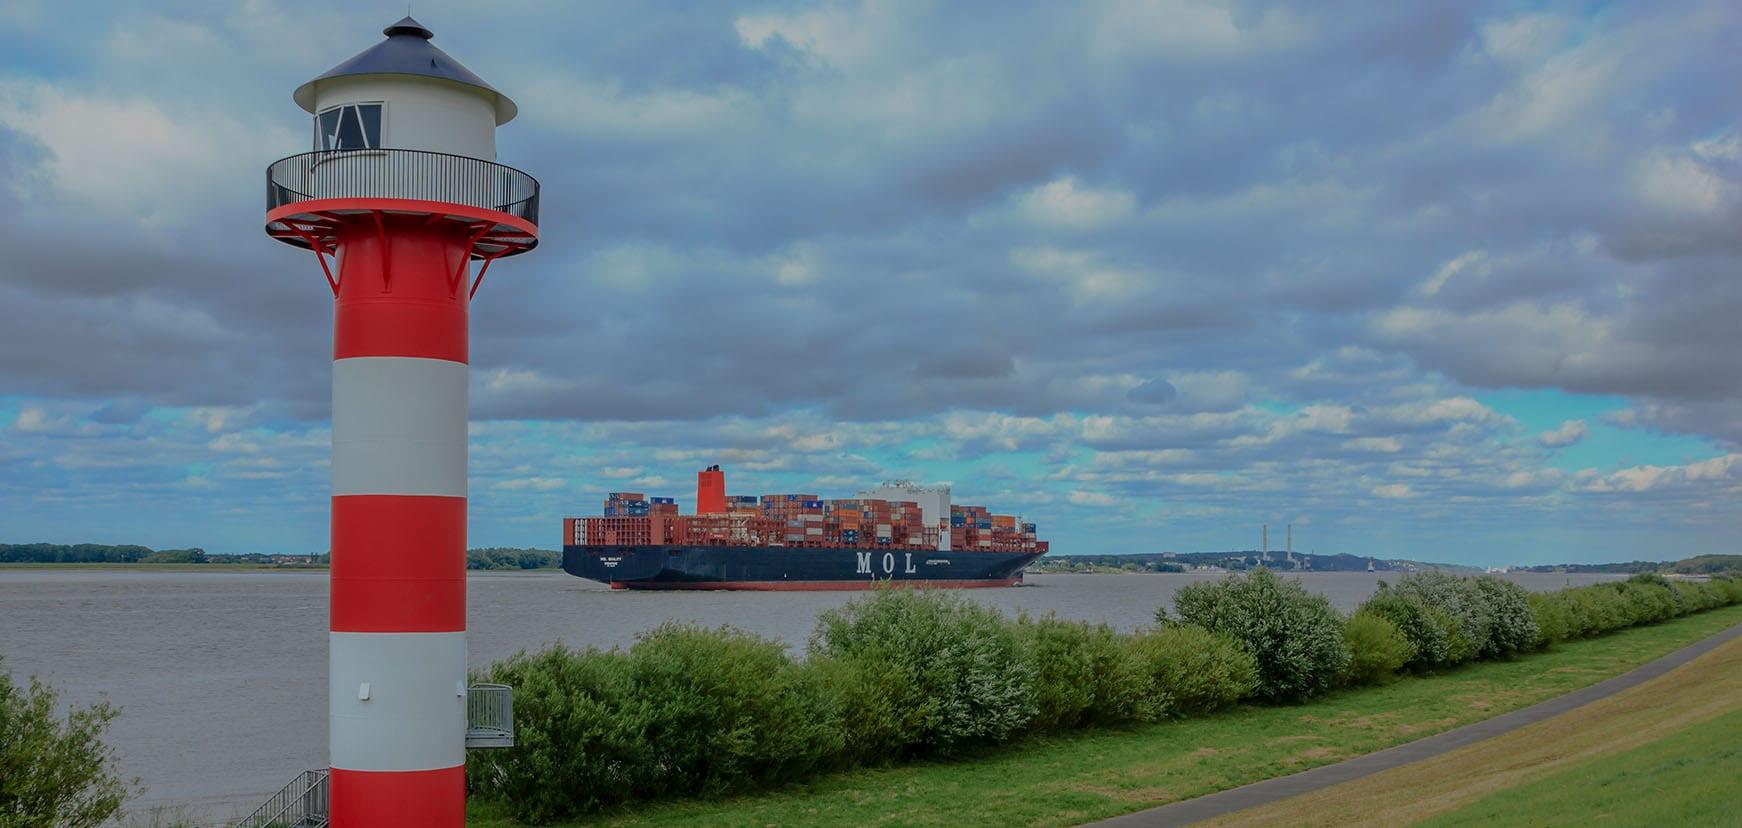 Leuchtturm und Containerschiff an der Elbe im Alten Land